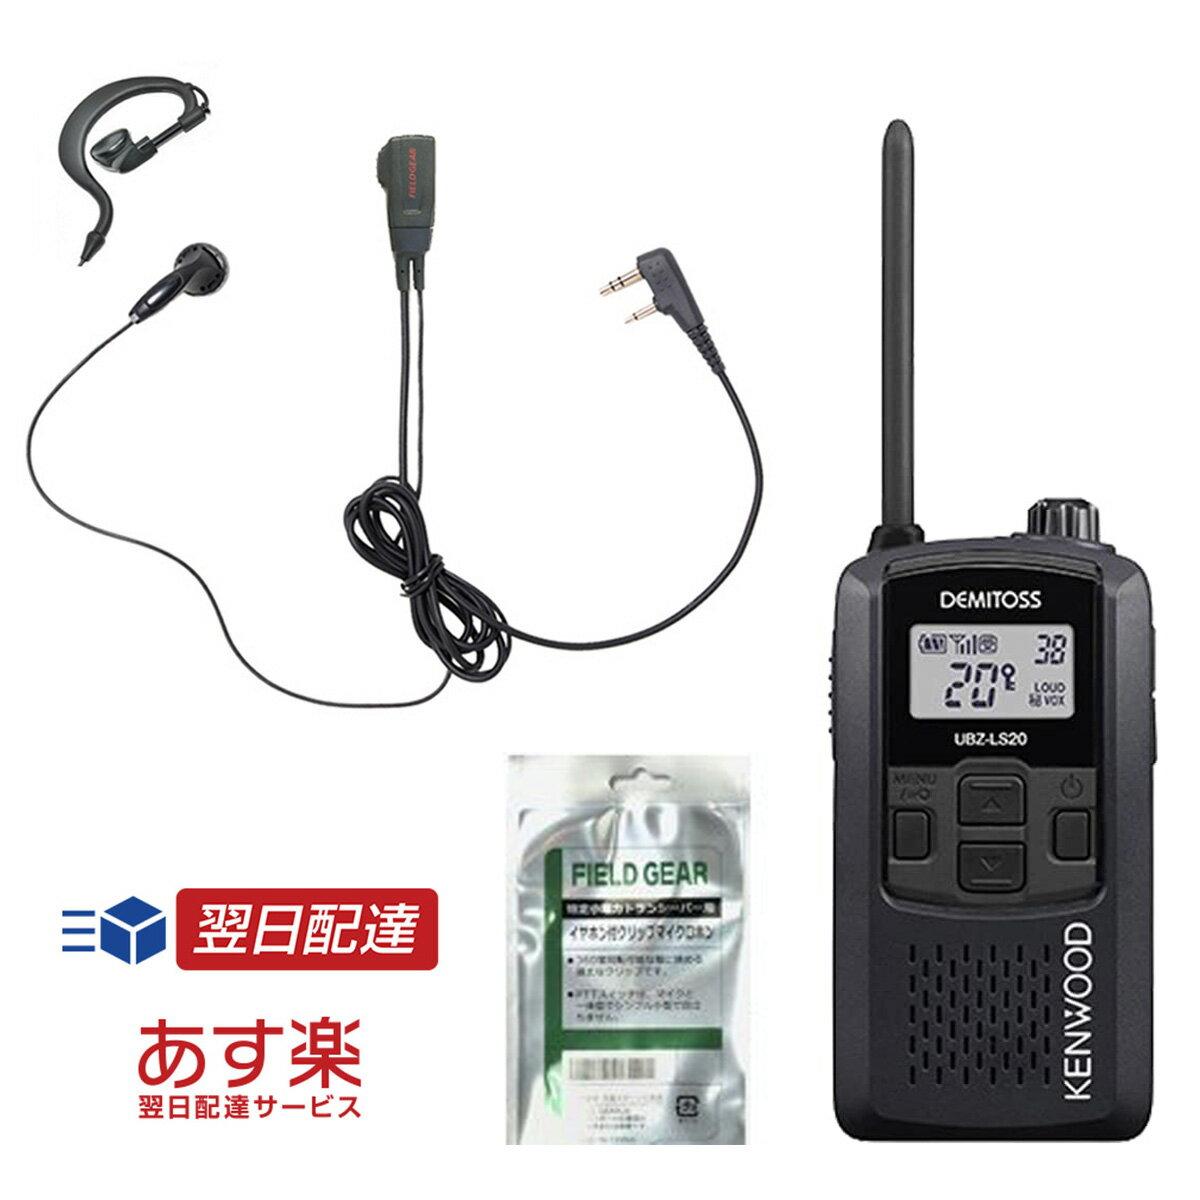 アマチュア無線機, ハンディー機  UBZ-LS20 UBZ-LP20 FIELD GEAR FG